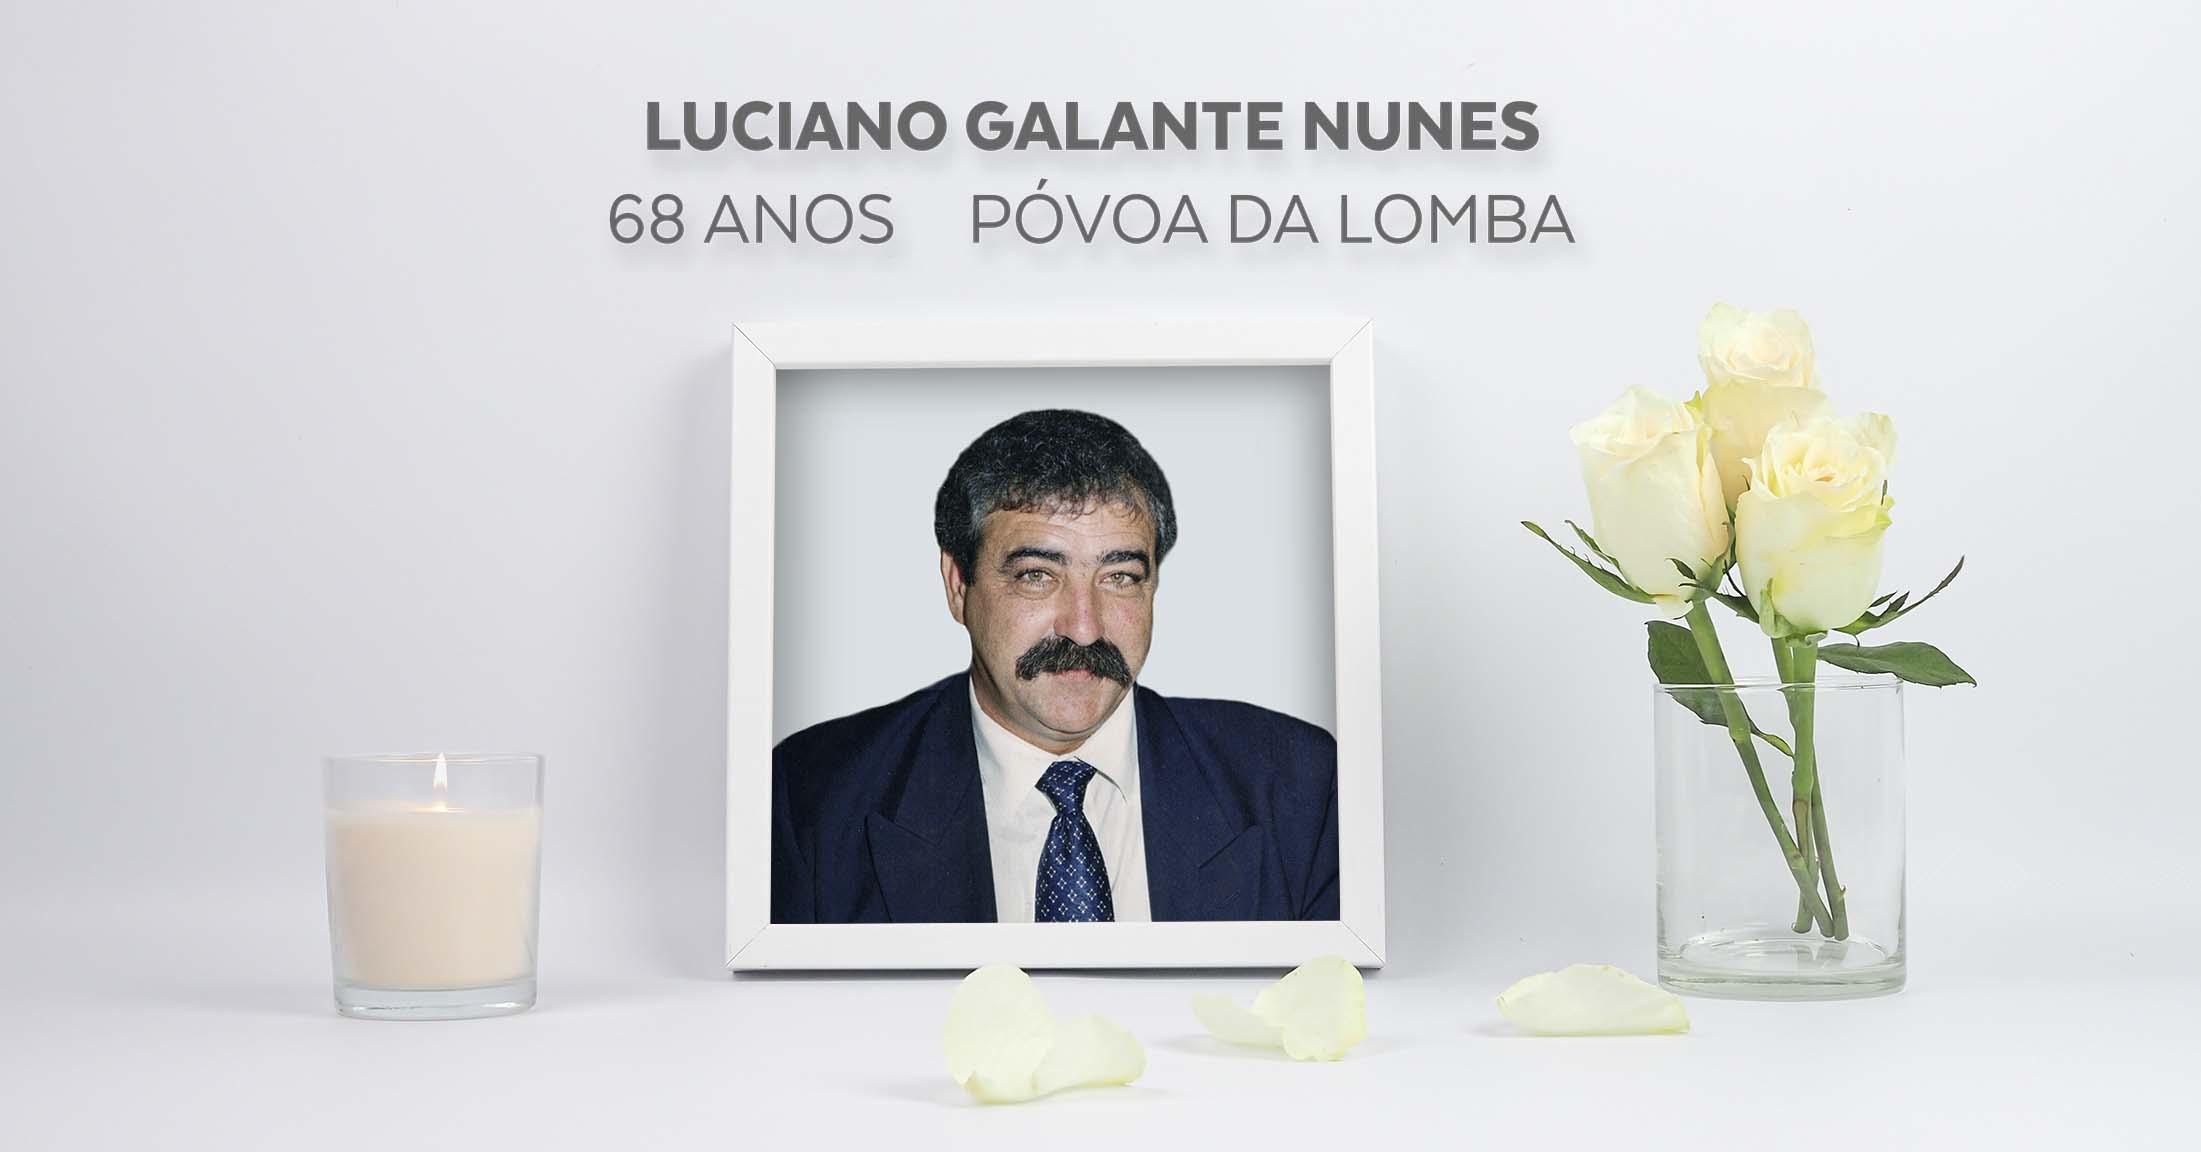 Luciano Galante Nunes